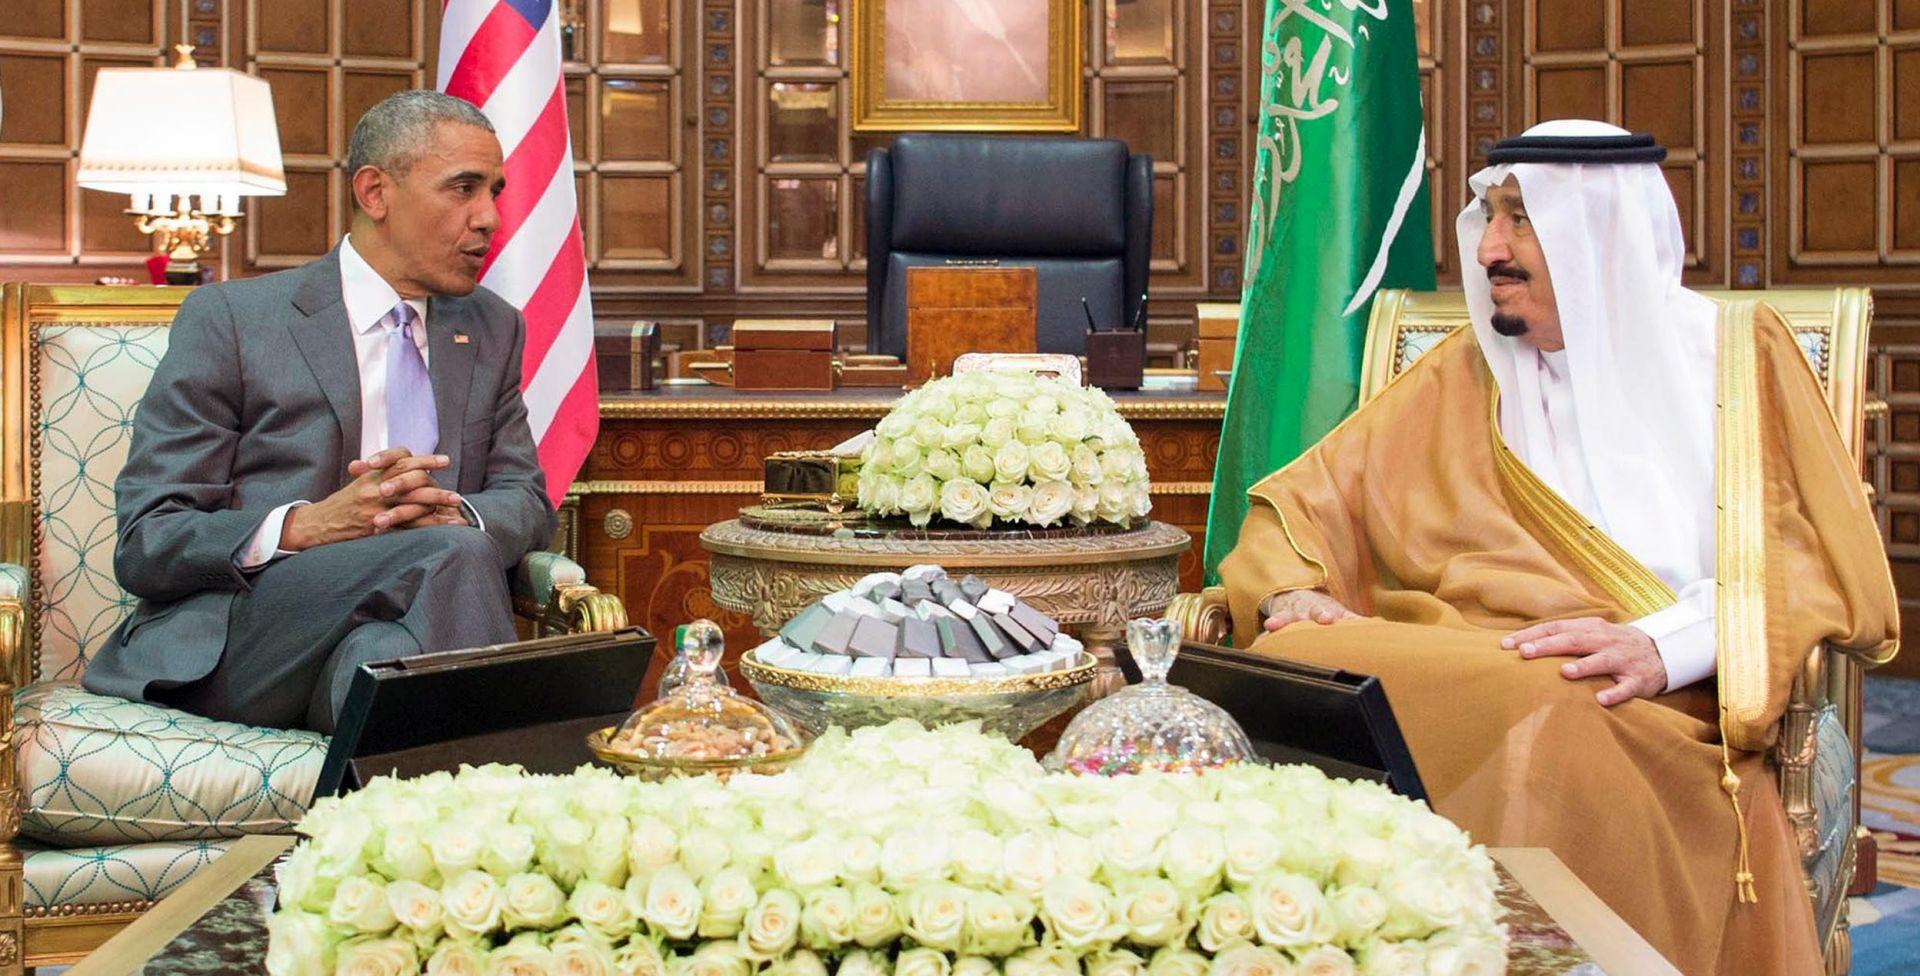 BIJELA KUĆA: Obama saudijskom kralju izrazio zabrinutost zbog ljudskih prava